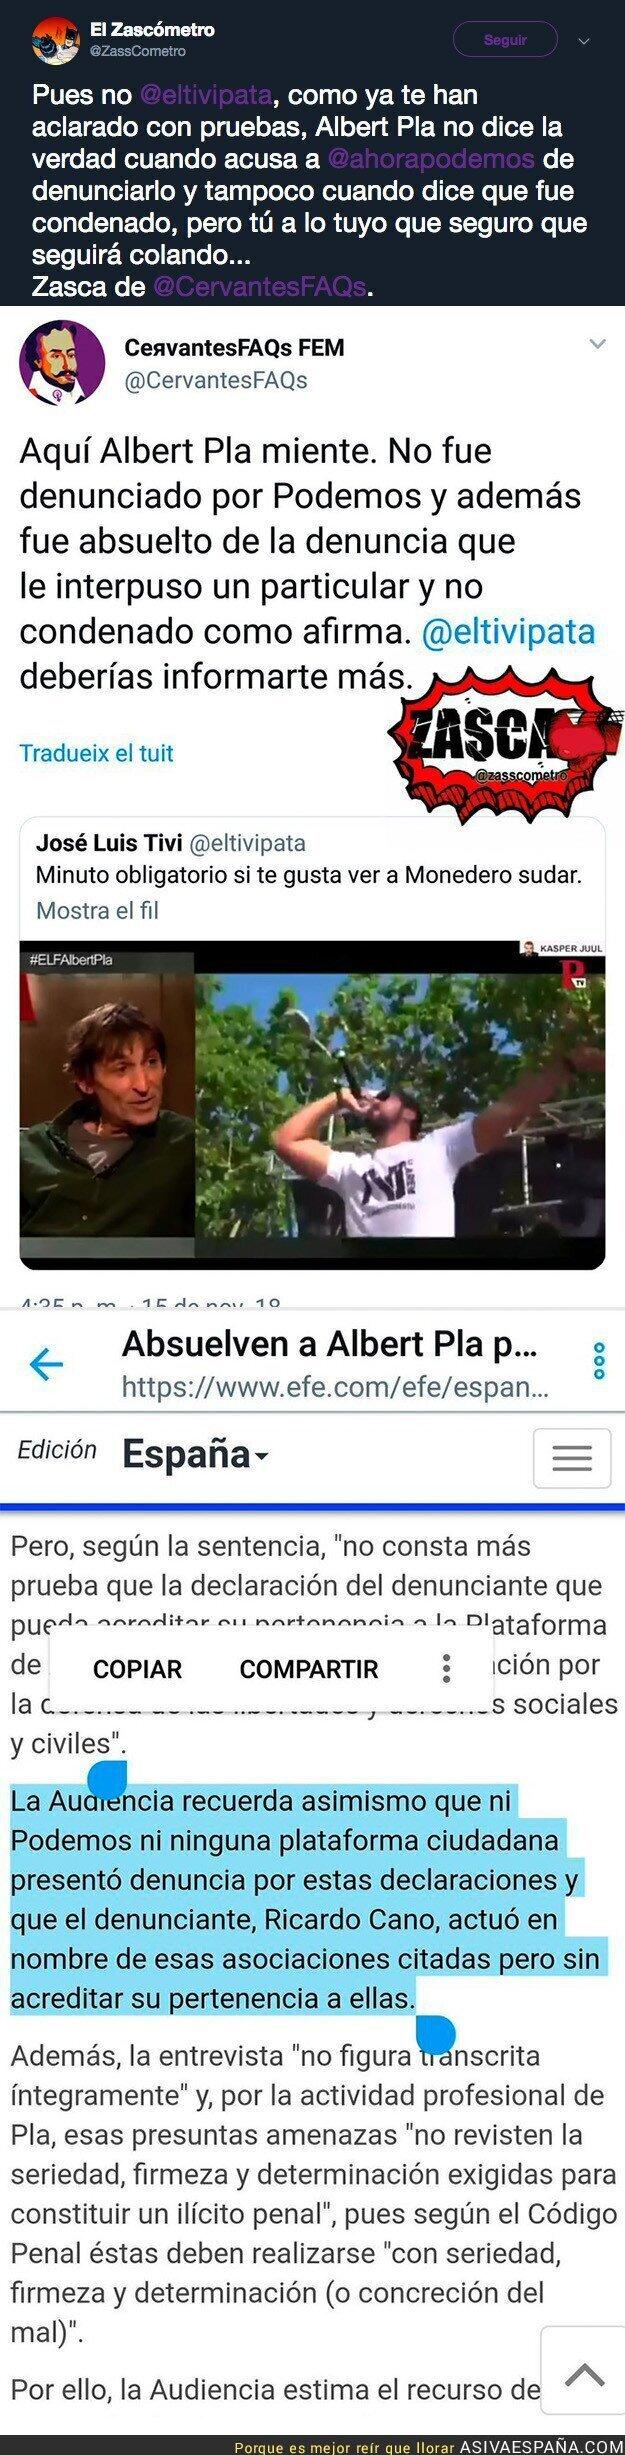 98139 - No es tan real lo que dijo Albert Pla sobre Podemos